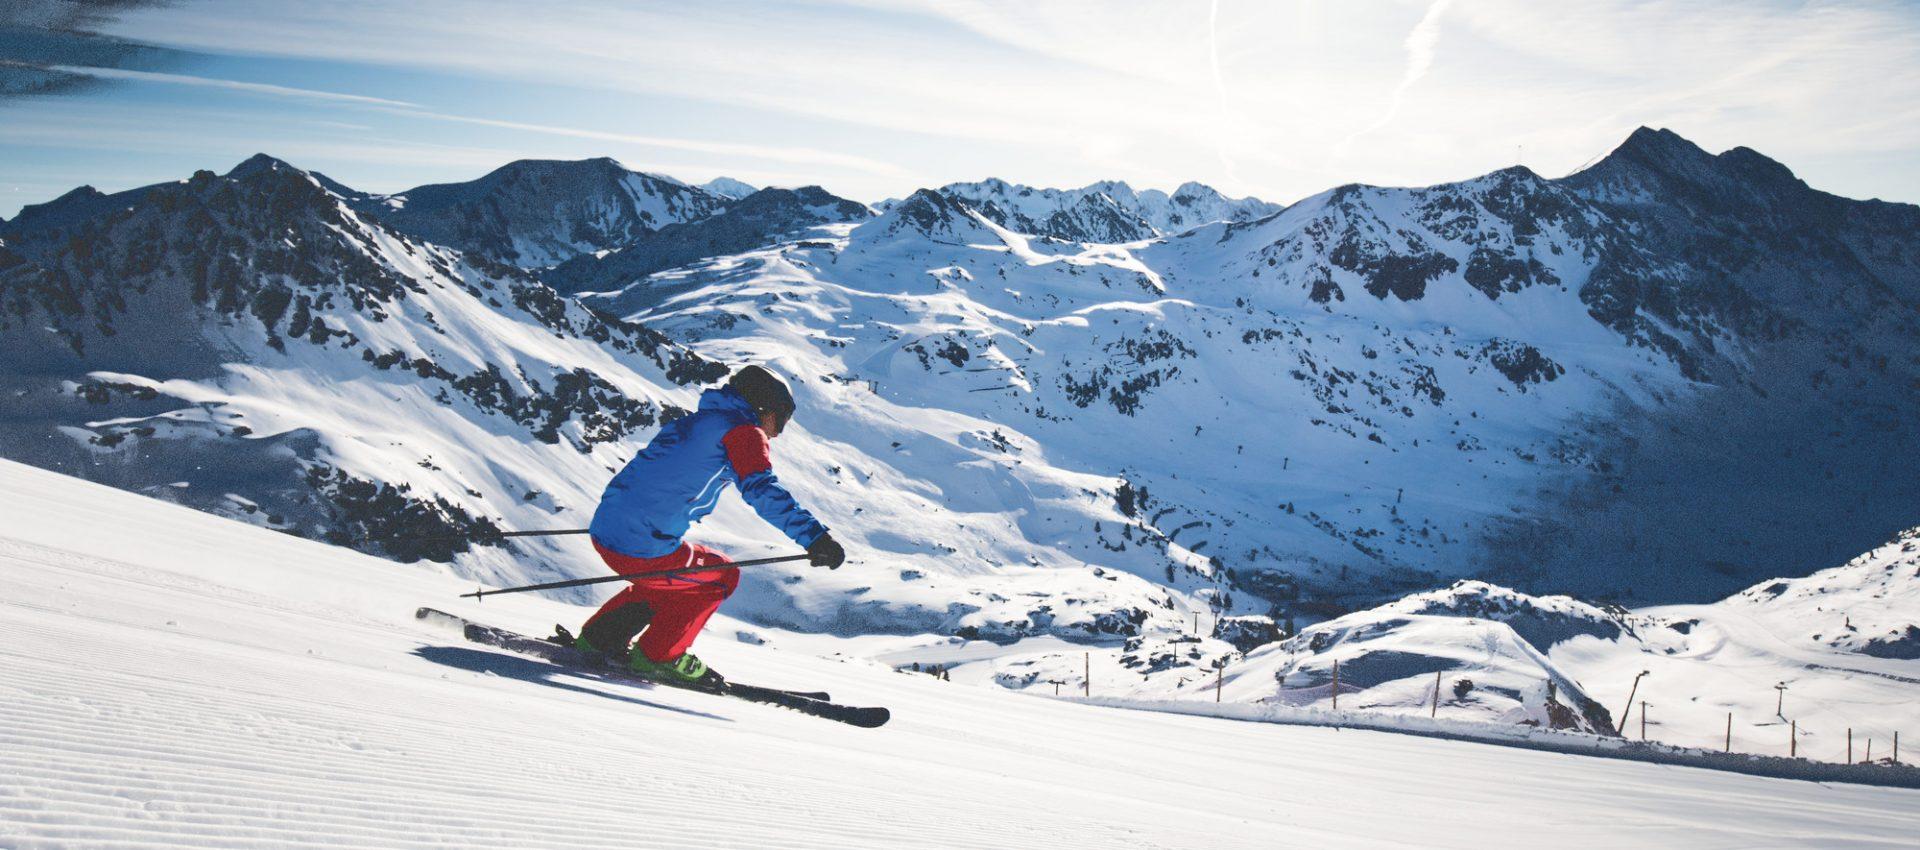 Skifahrer genießt die herrlichen Pisten des SalzburgerLandes bei schönstem Sonnenschein